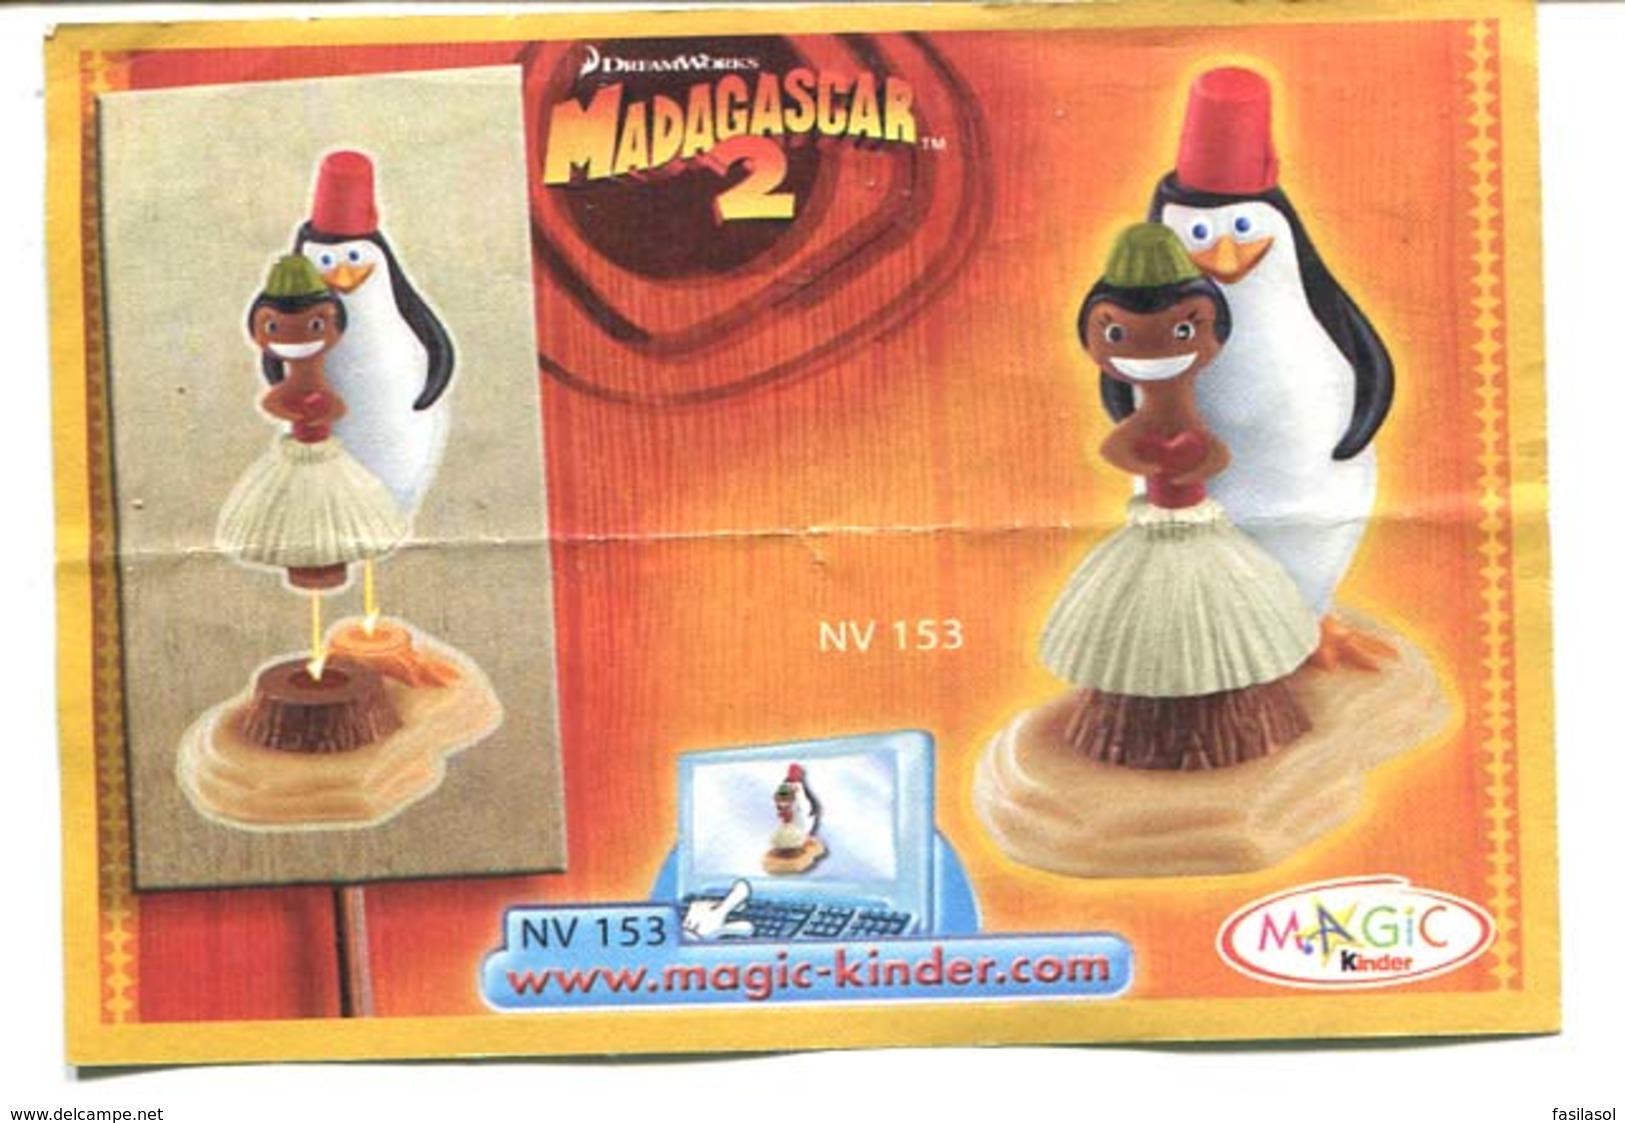 Kinder 2009 : Série Complète : Madagascar 2 (9 Figurines Avec 1 BPZ ) - Cartoons